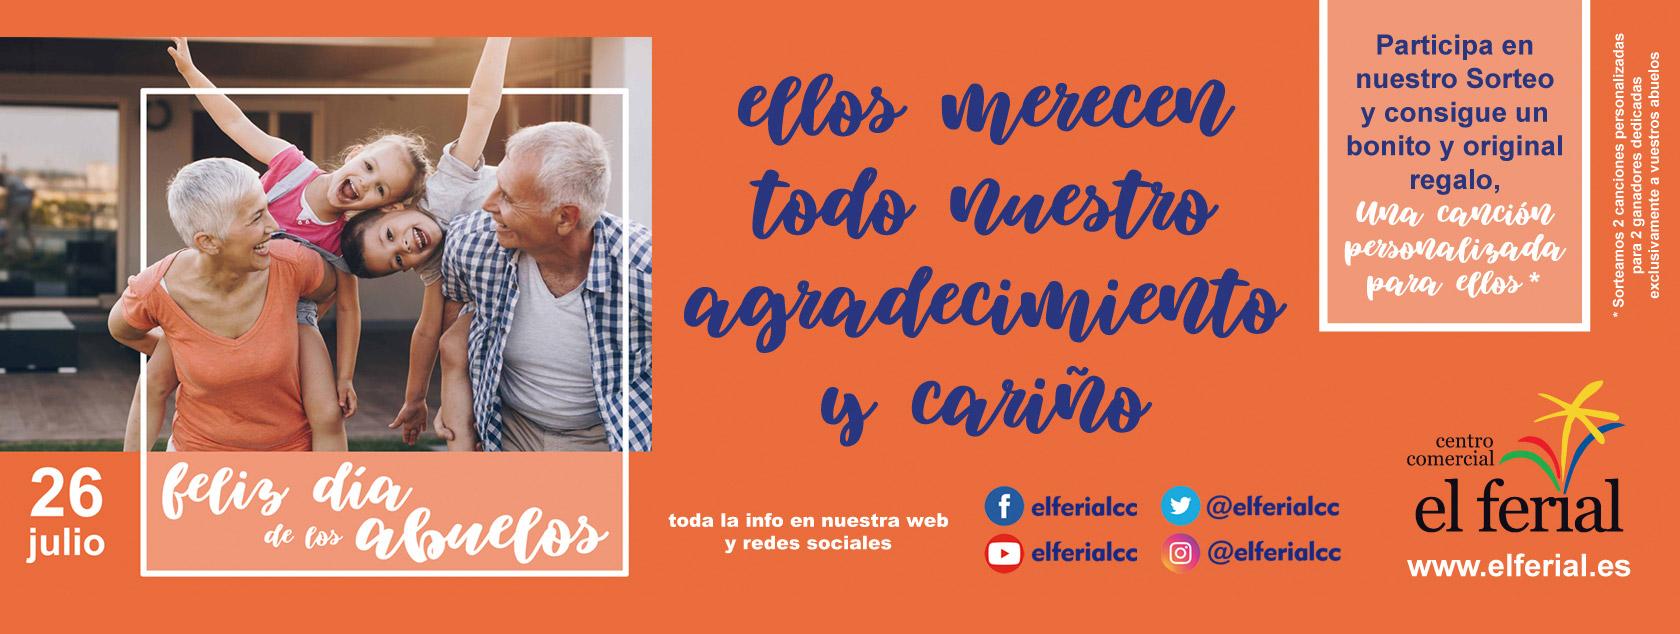 Concurso Día de los Abuelos